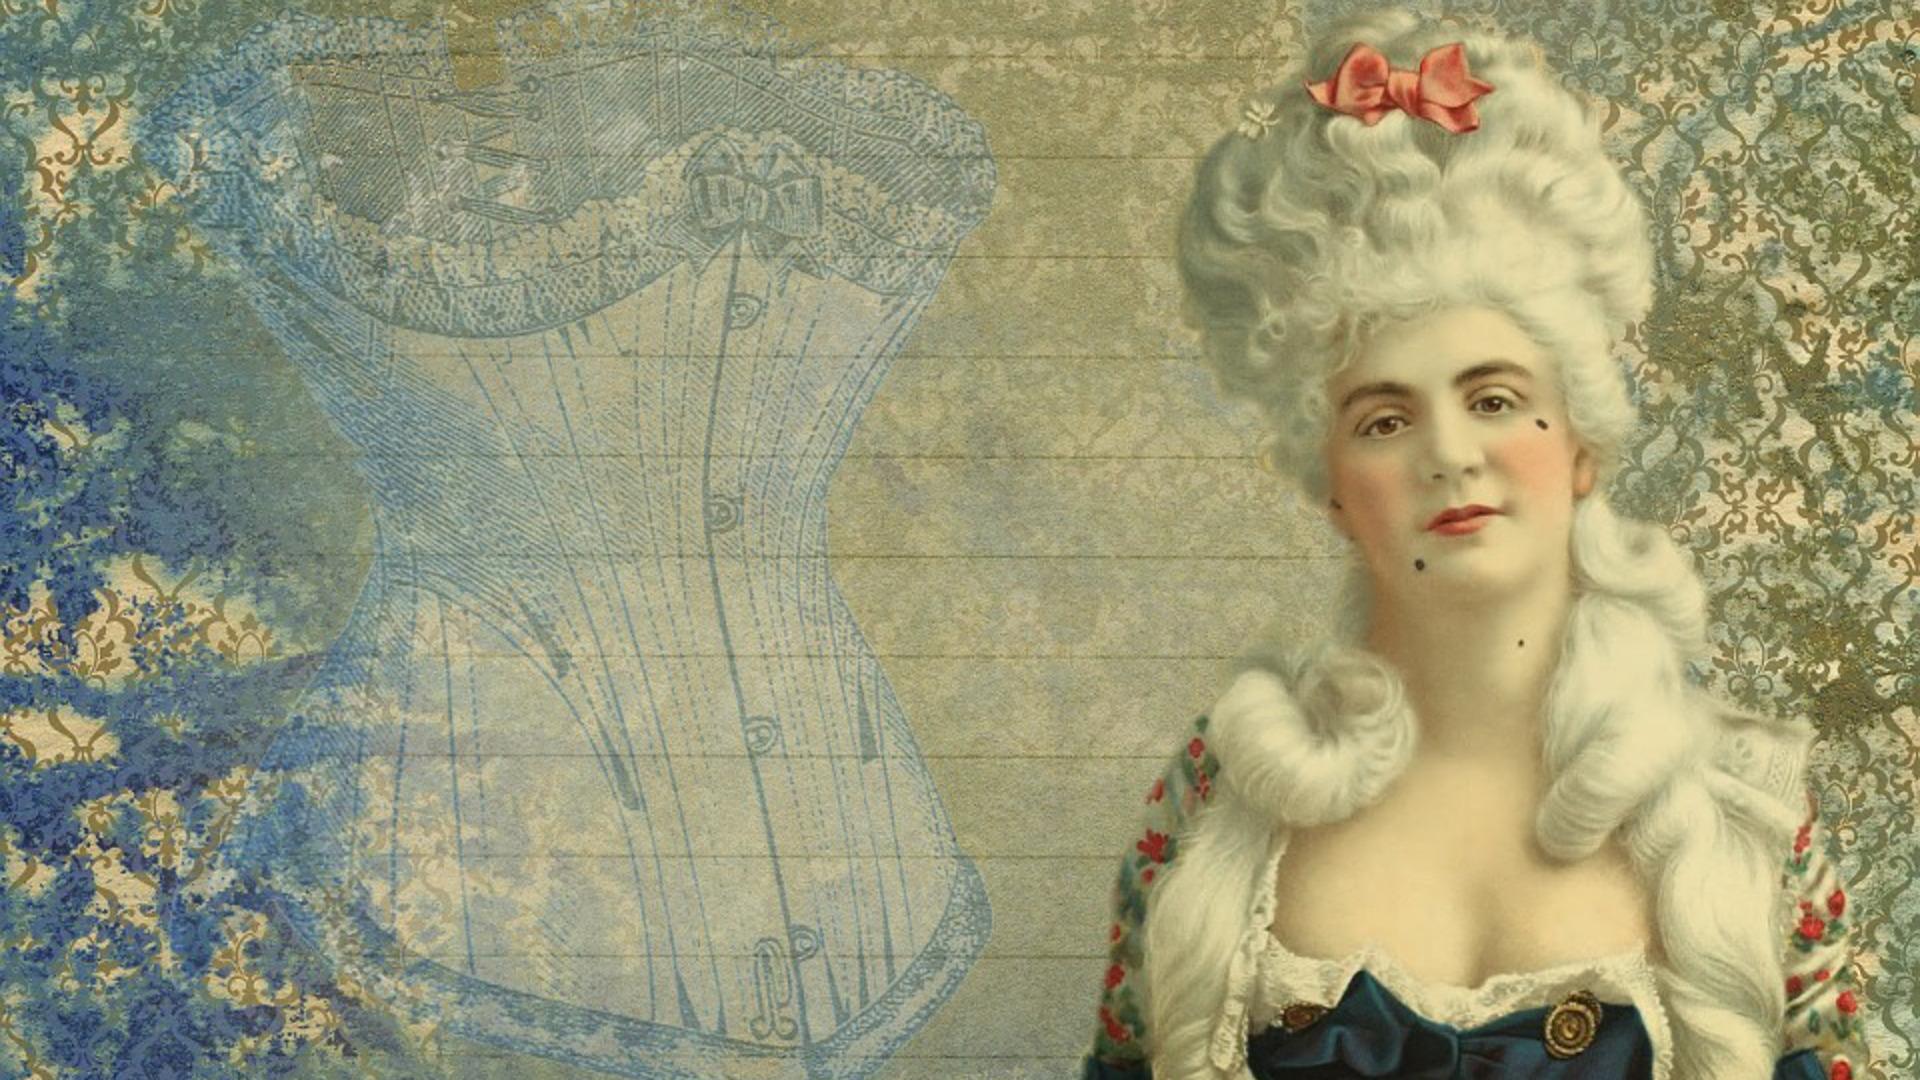 la-belleza-a-lo-largo-de-la-historia-1920